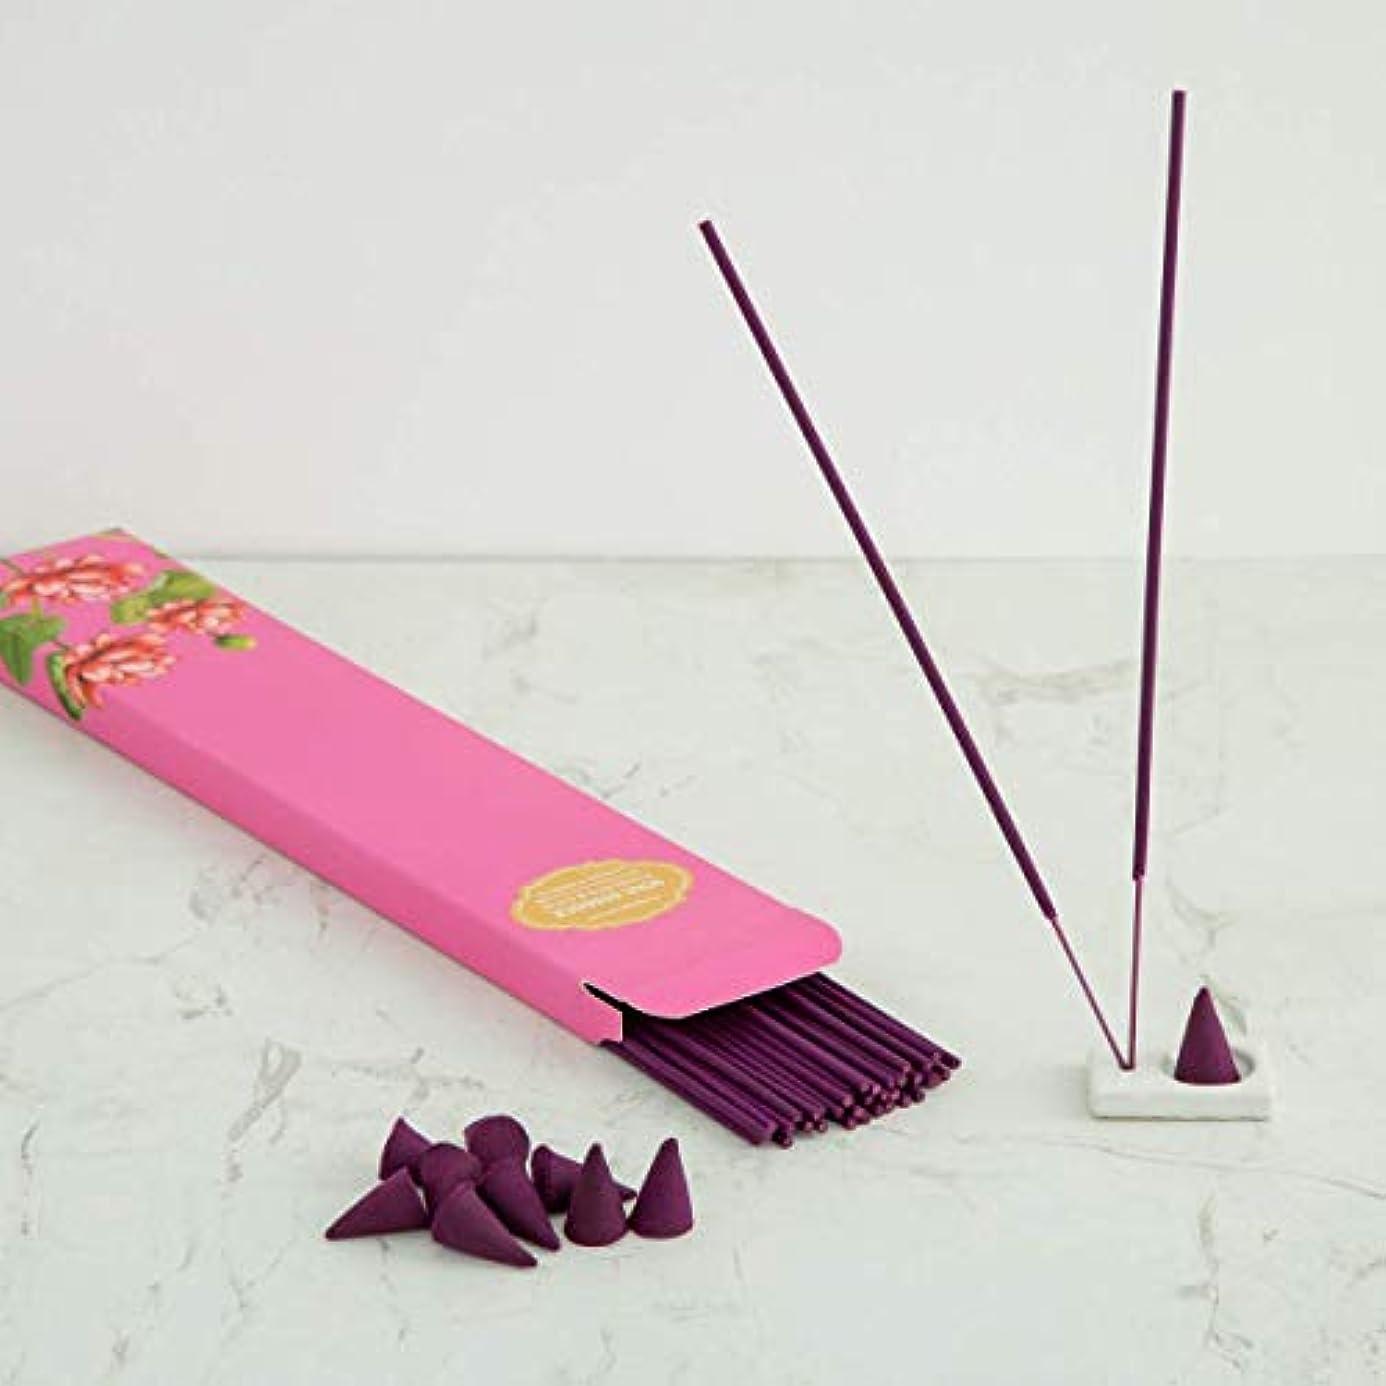 取り除くシビックグリップHome Centre Redolance Chirping Woods Incense Sticks and Cones - Purple